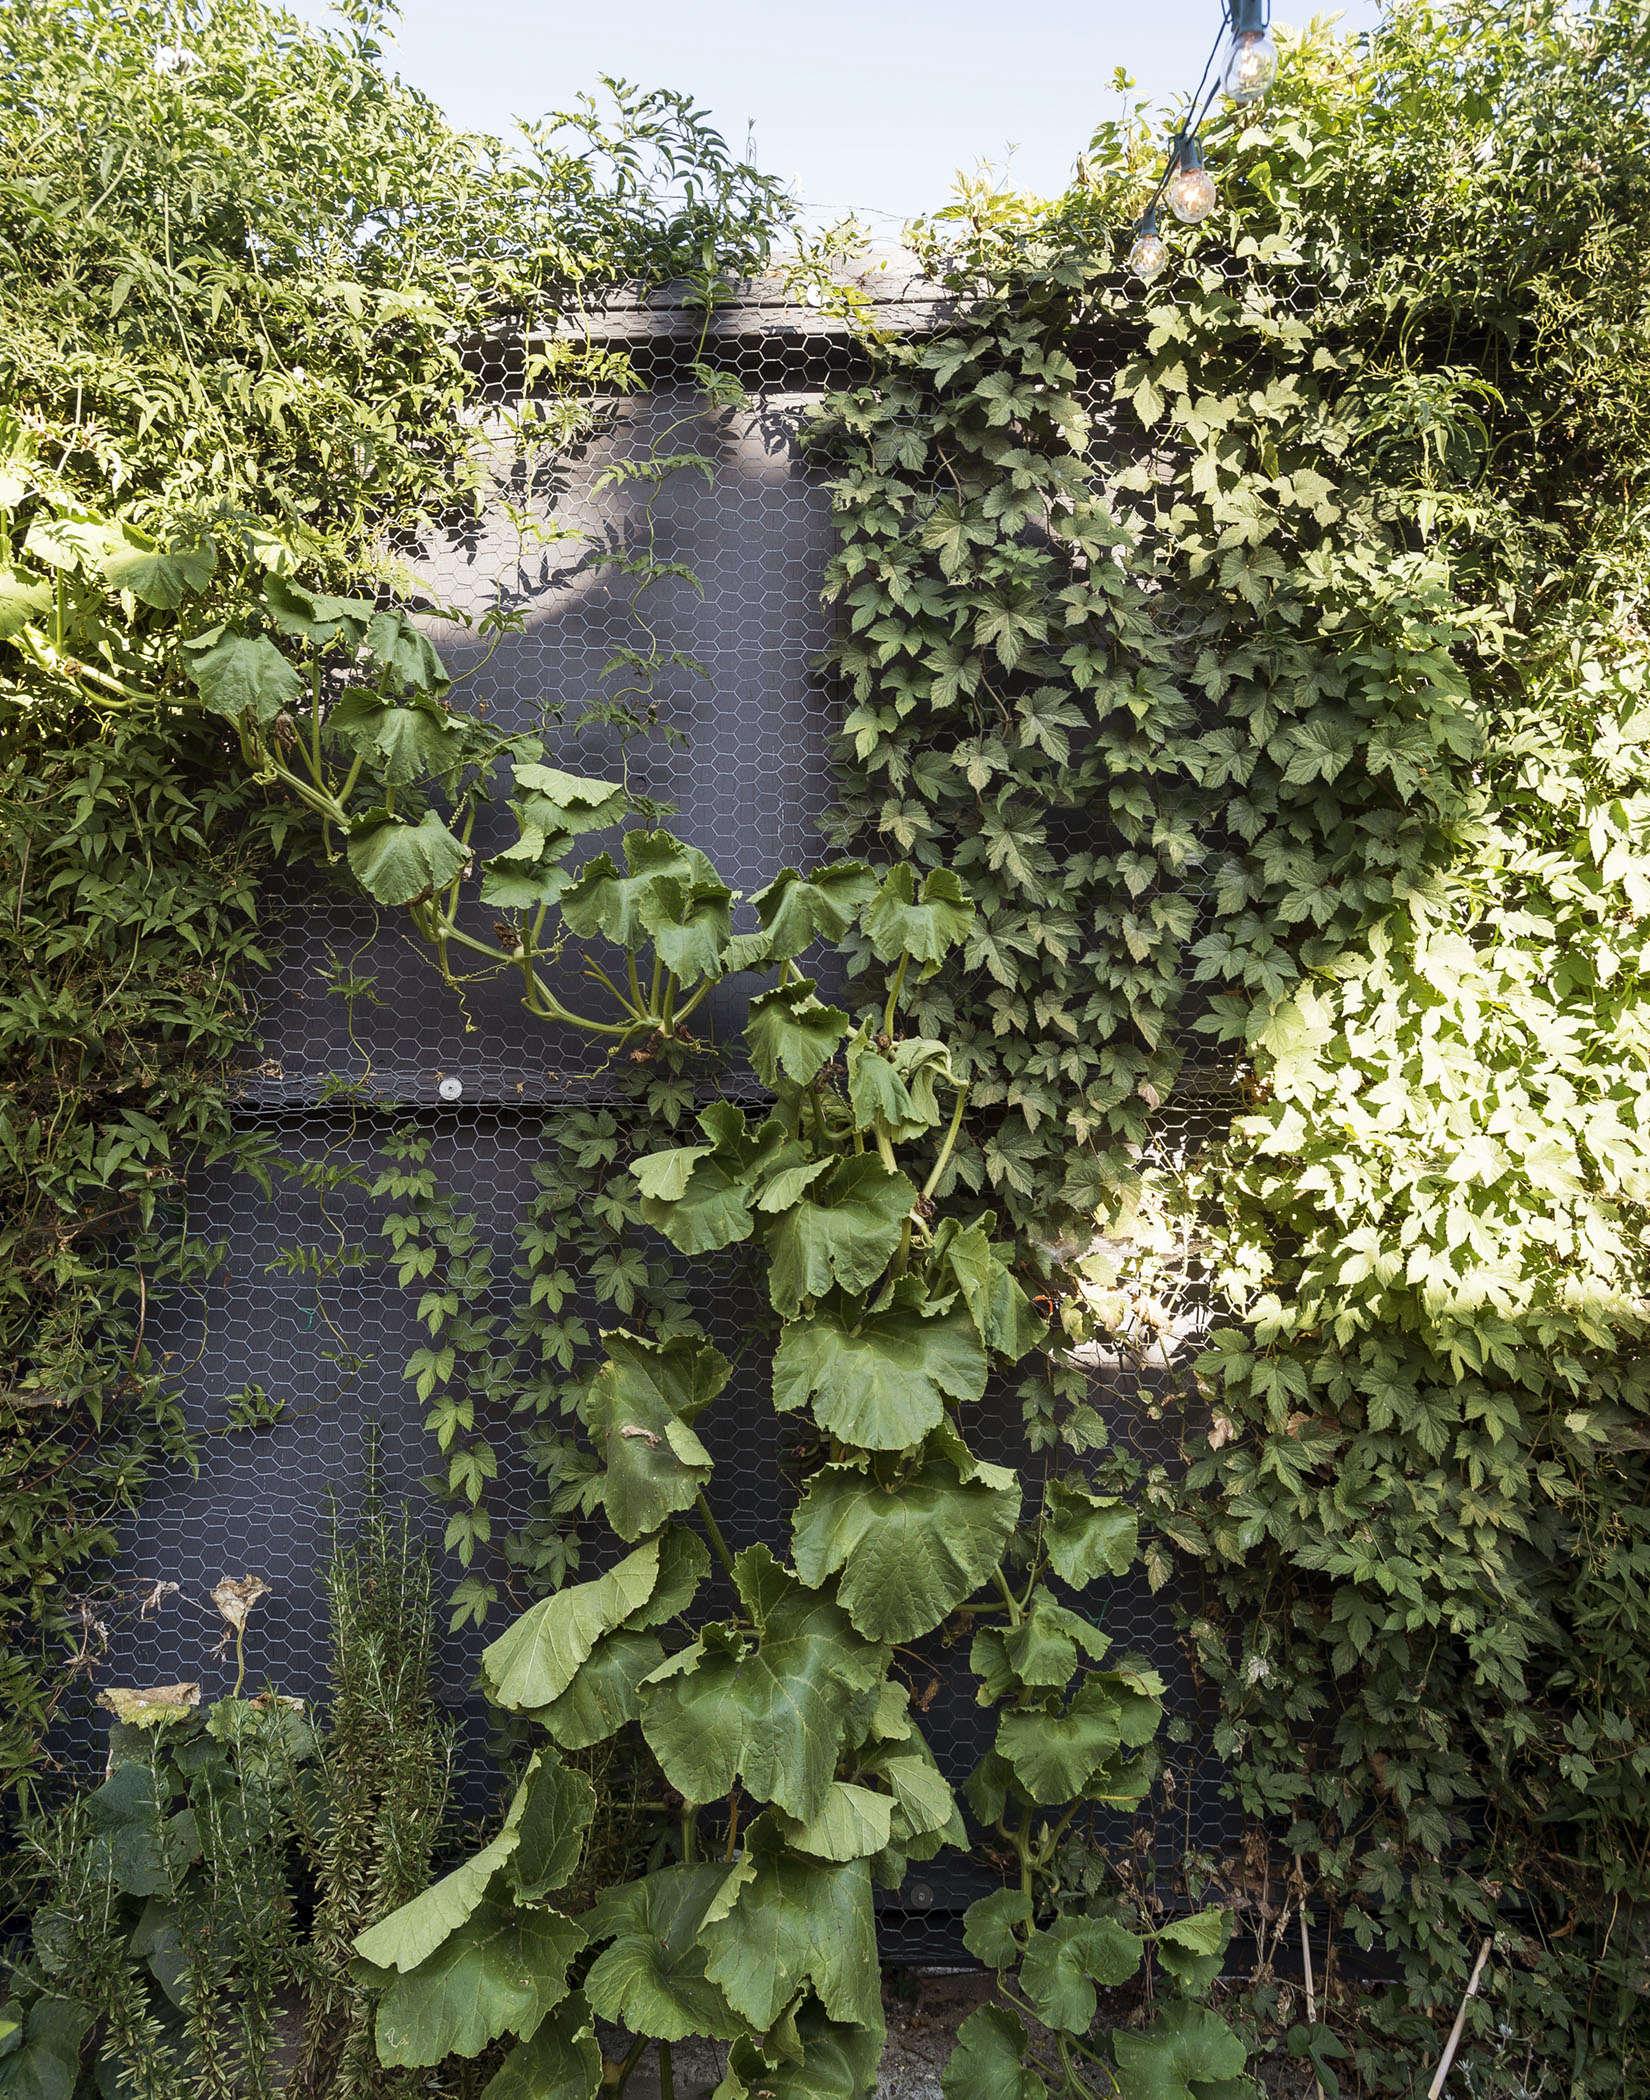 klein-garden-mission-san-francisco-gardenista-wire-mesh-fence